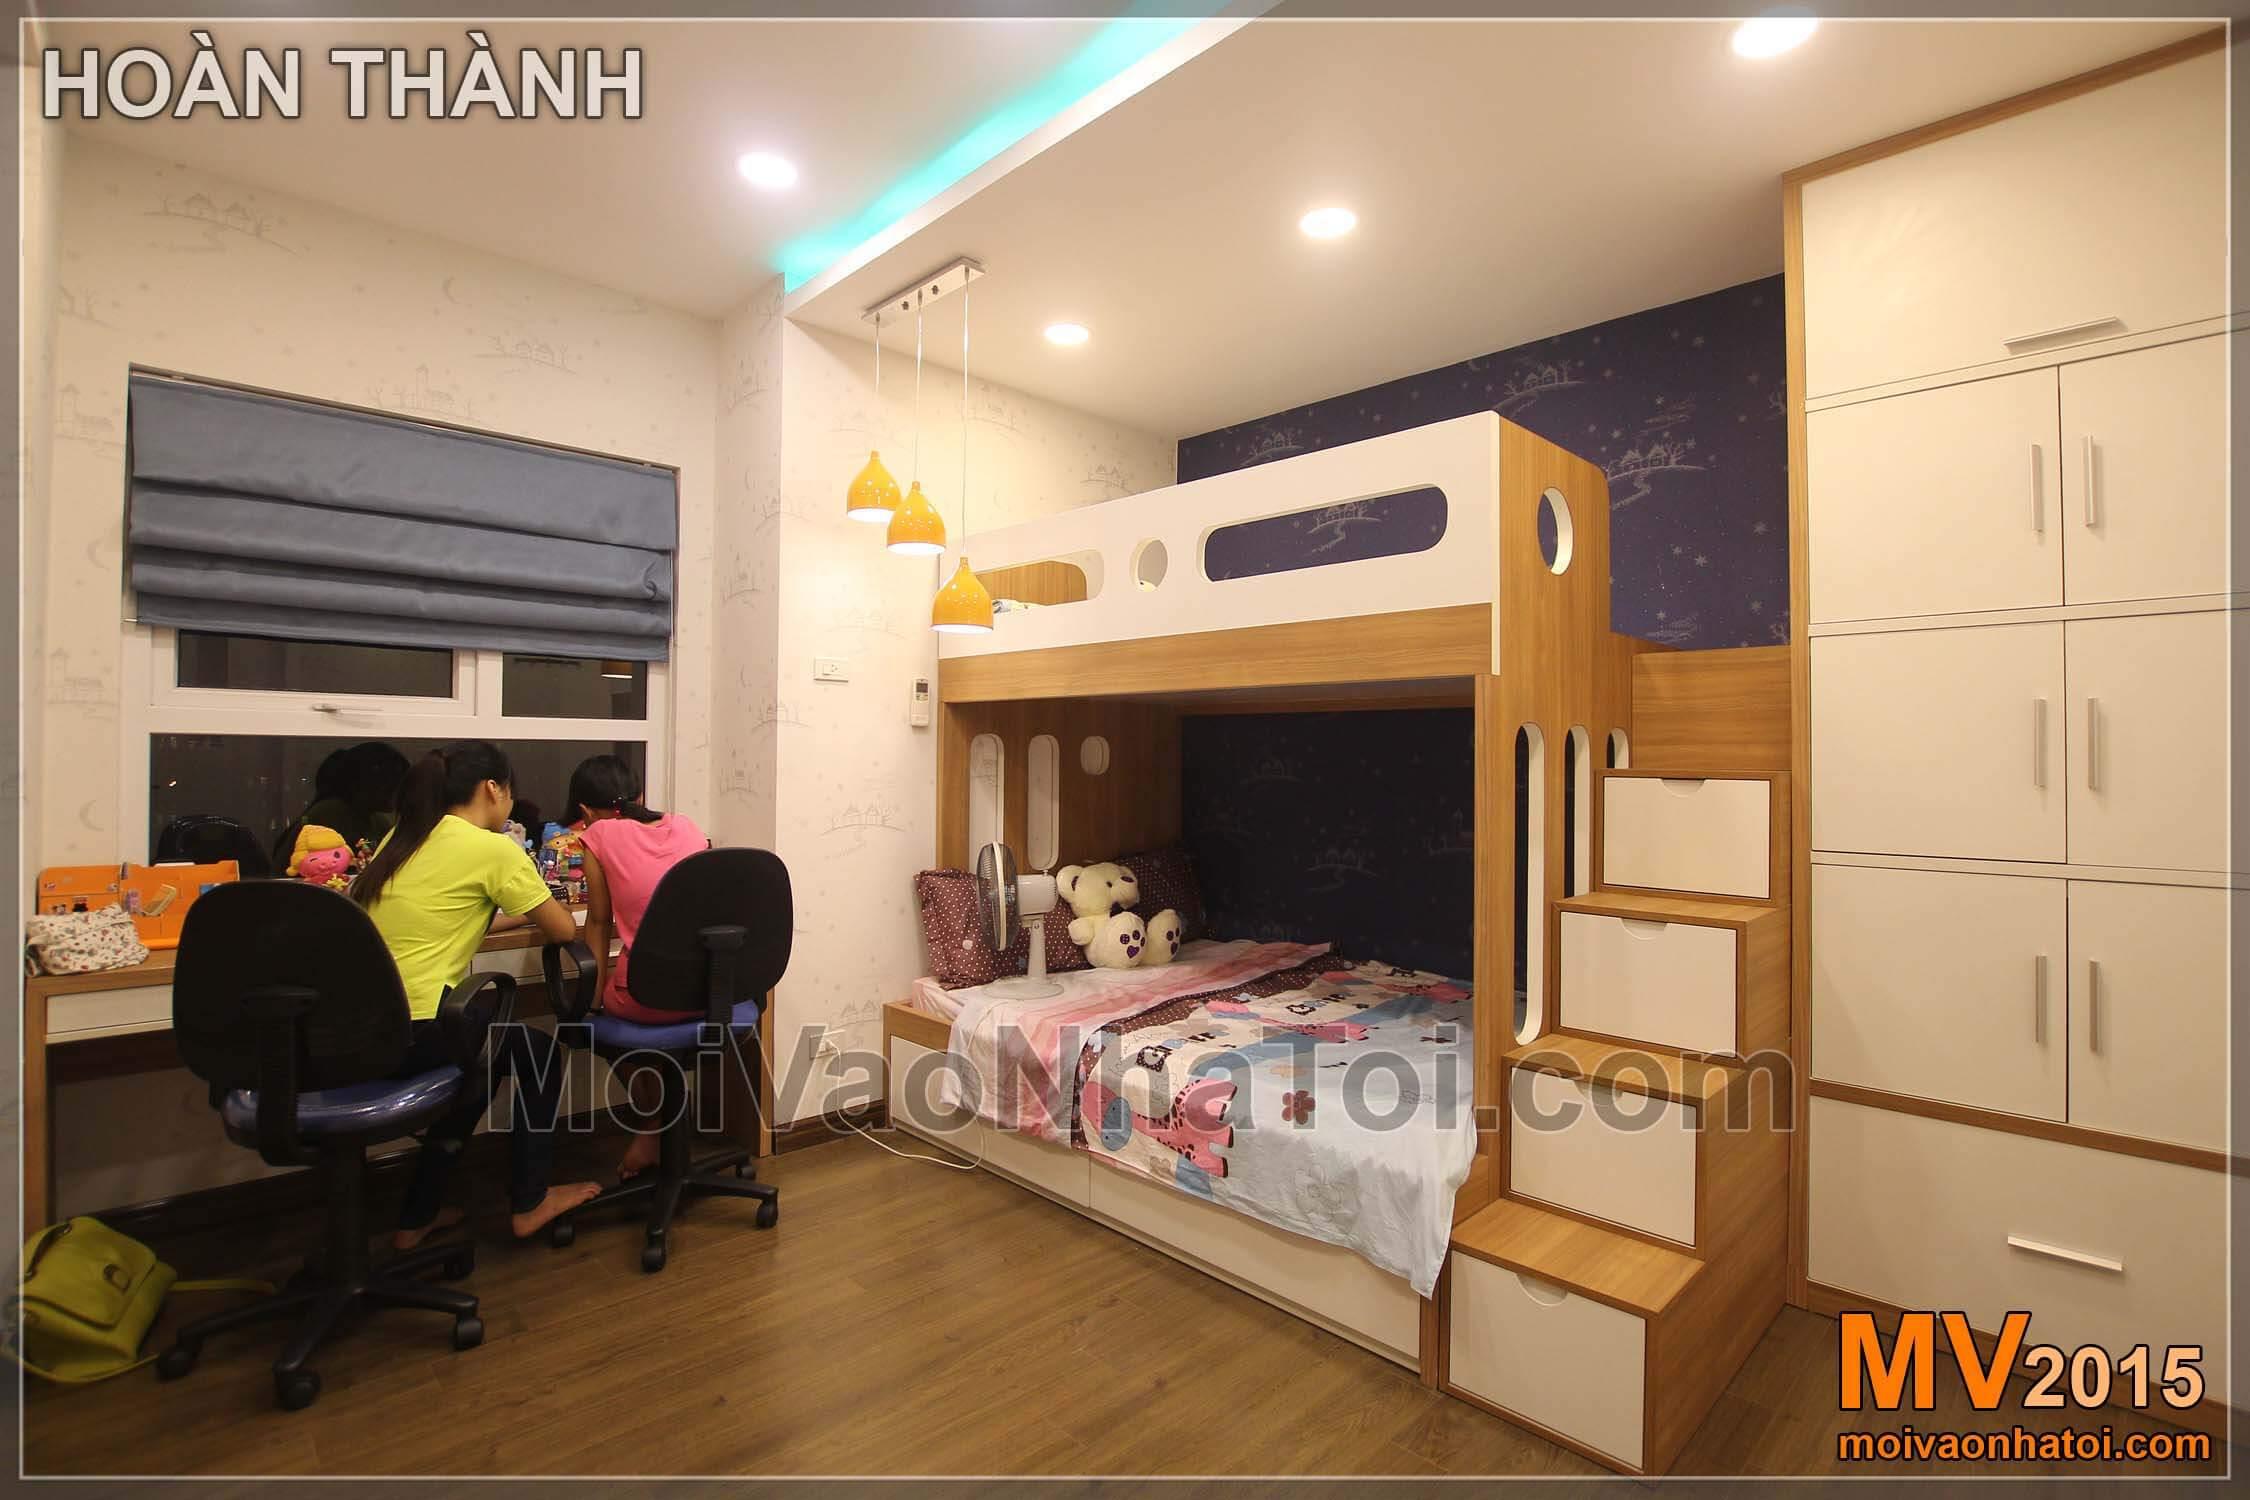 金宫公寓卧室双层床,140m2